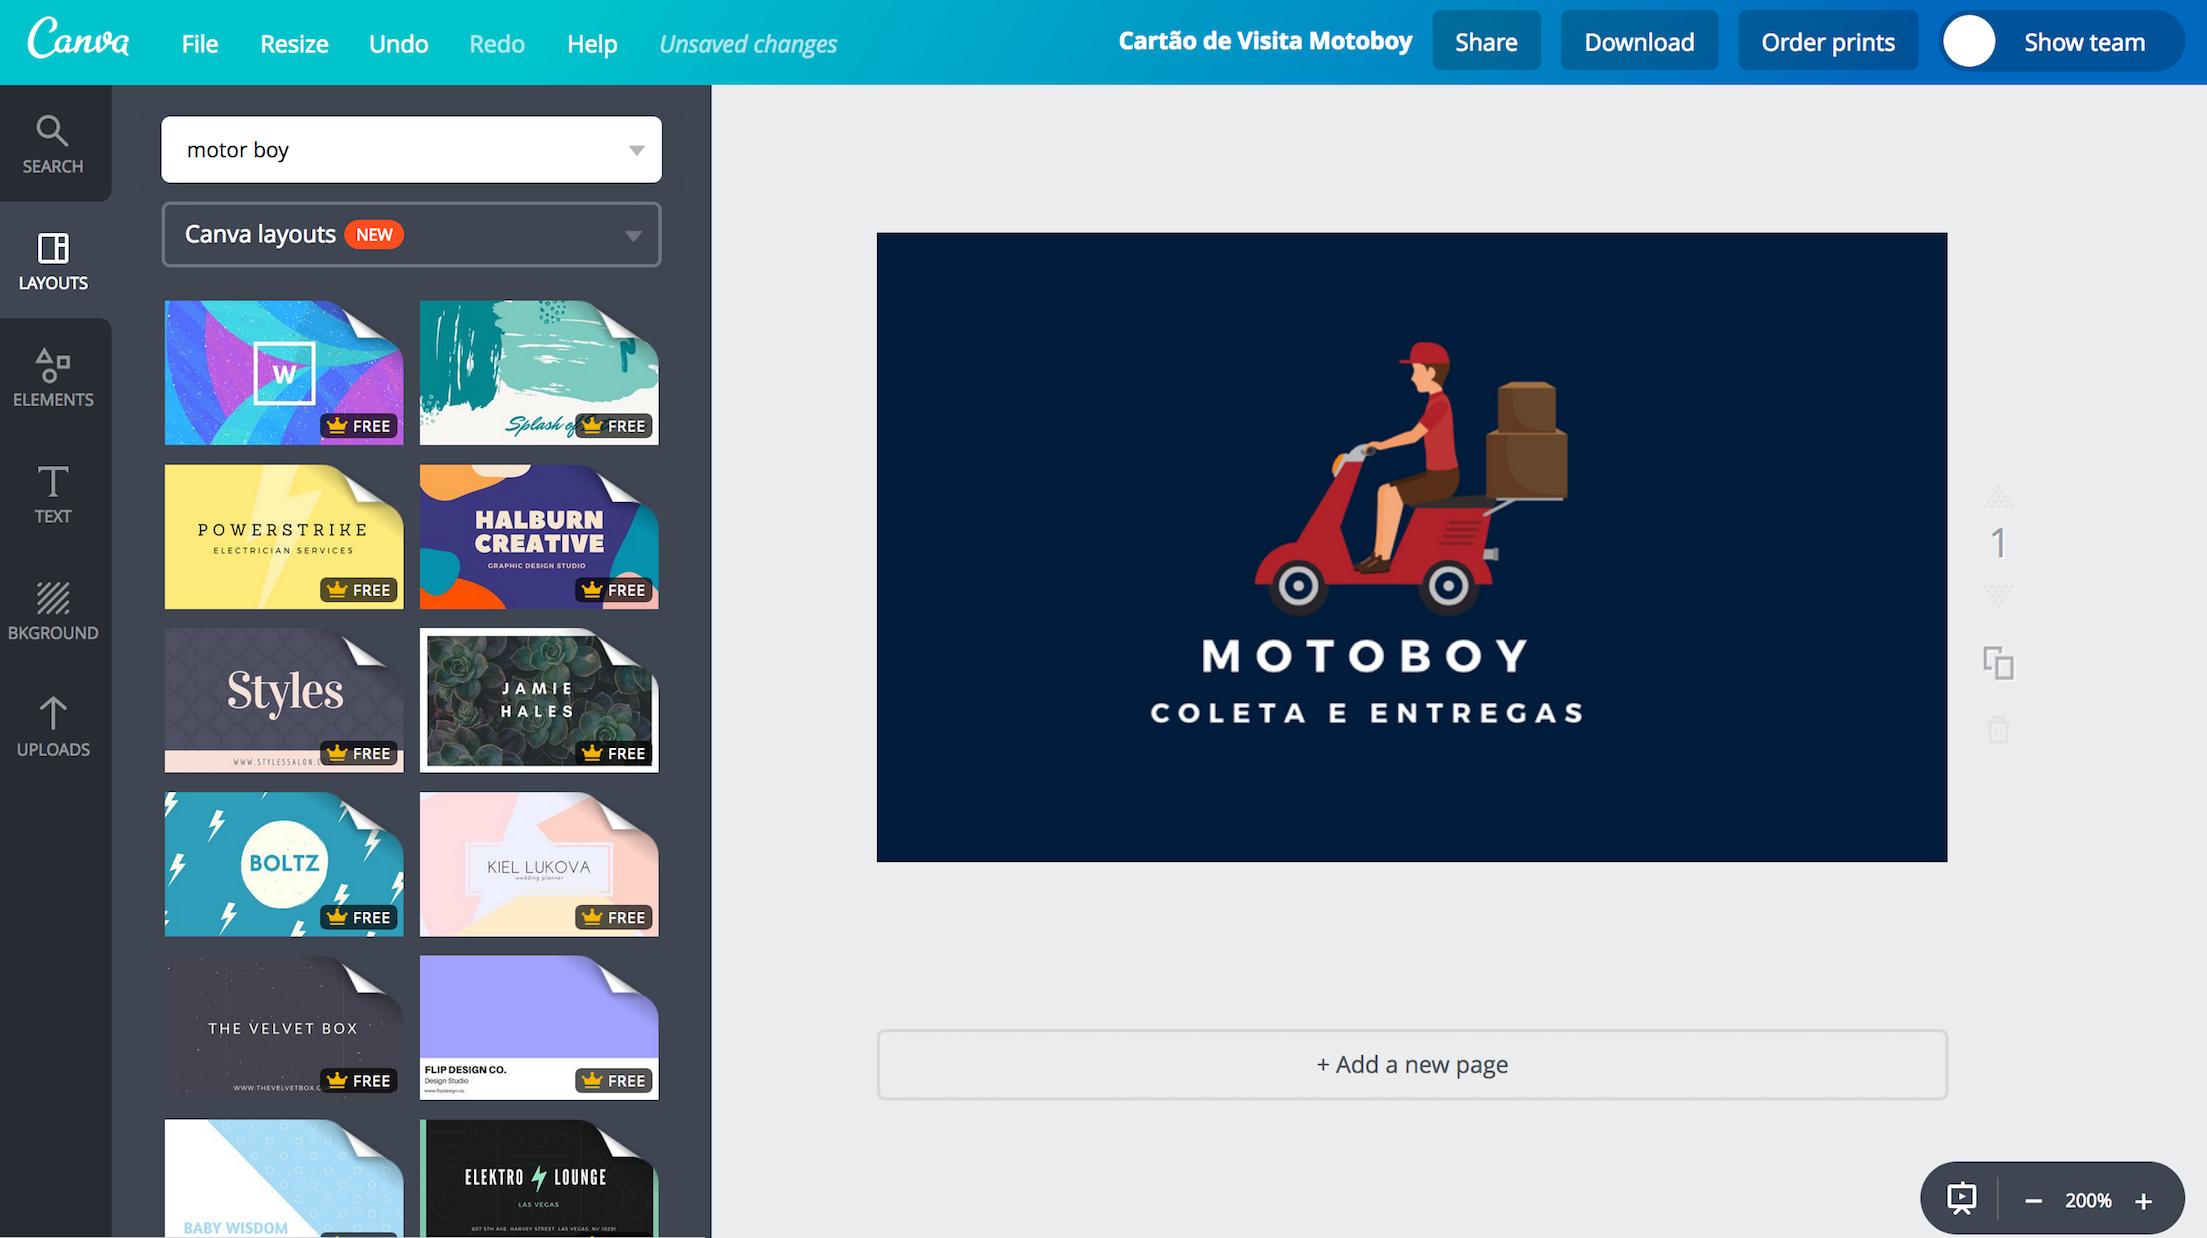 Populares Crie seu cartão de visita de motoboy online - Canva JD08